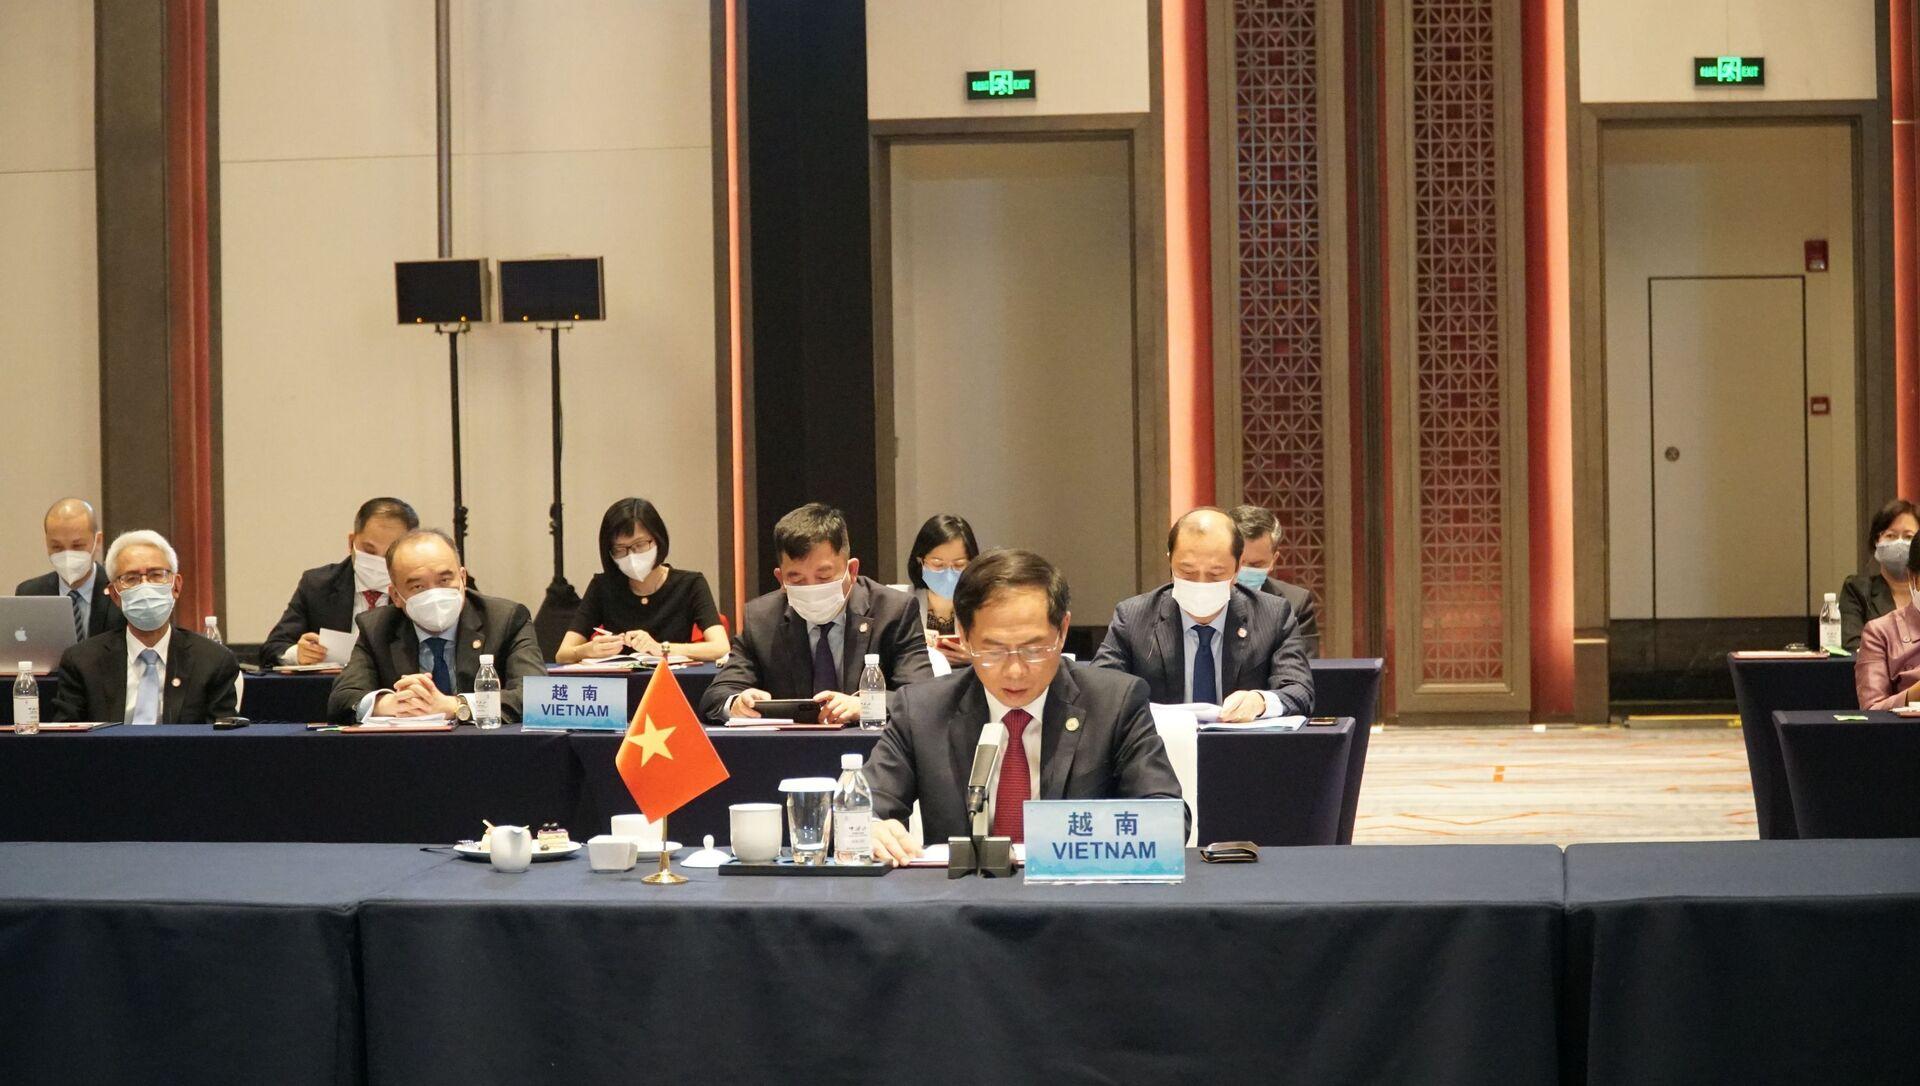 Bộ trưởng Ngoại giao Bùi Thanh Sơn tham dự Hội nghị đặc biệt Bộ trưởng Ngoại giao ASEAN - Trung Quốc.  - Sputnik Việt Nam, 1920, 08.06.2021